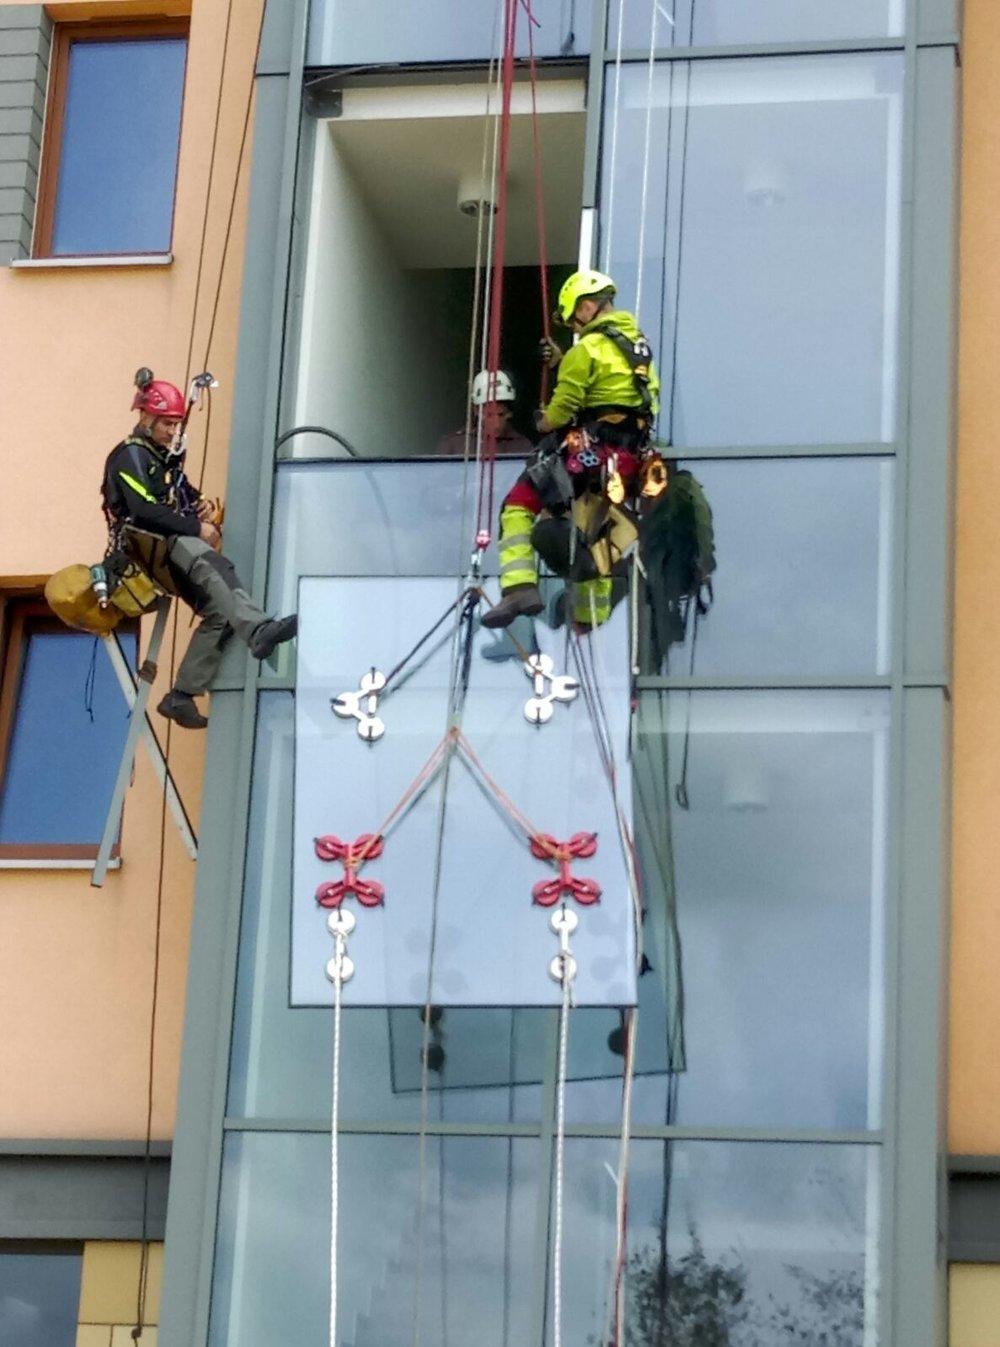 alpiniści wymiana szyb